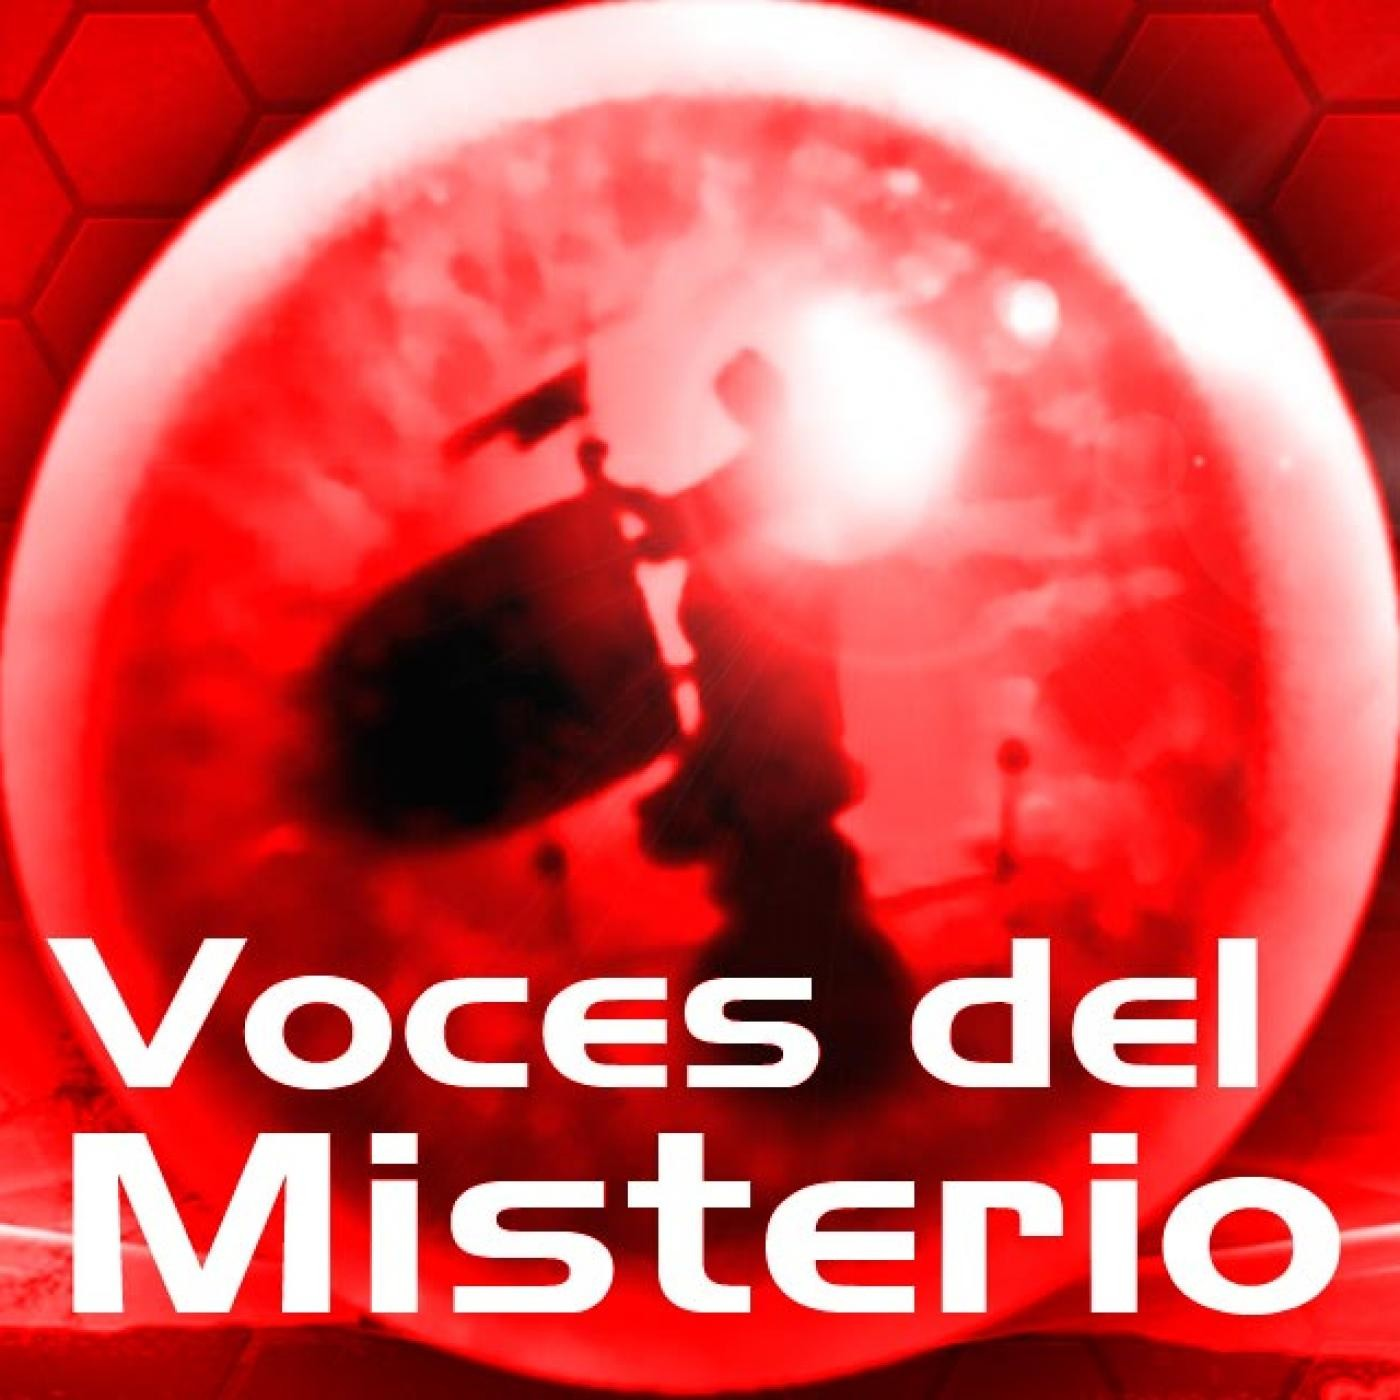 Voces del Misterio EXTREMADURA MÁGICA 036: Misterio Dehesa de la Luz, Lagarto de Calzadilla, Cura-lobo Casar,Extremadura